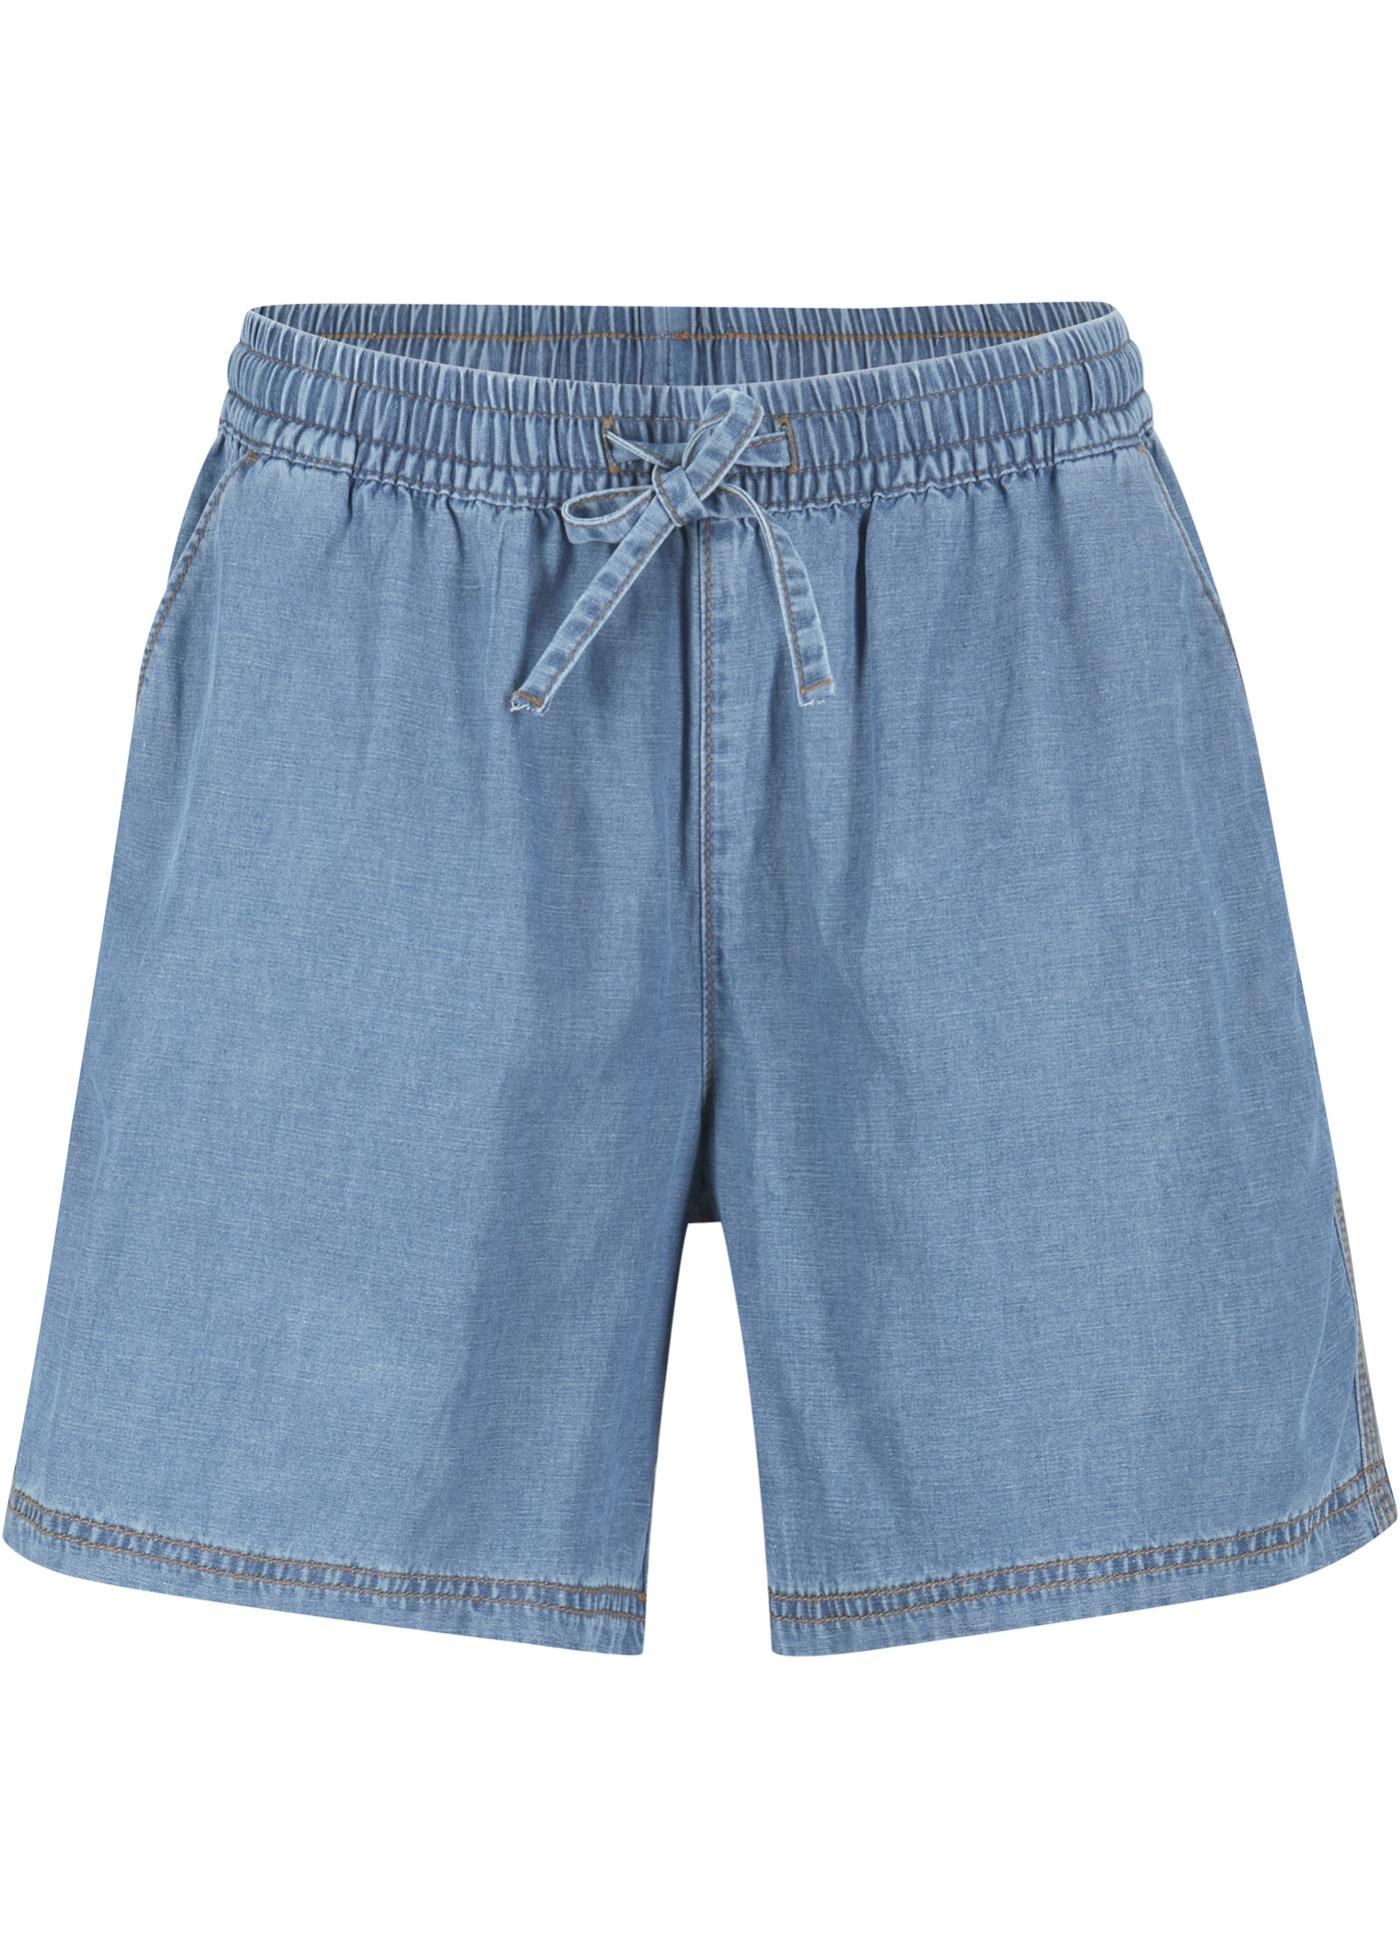 Leichte Denim Shorts mit Tencel ™ Lyocell, extra weit